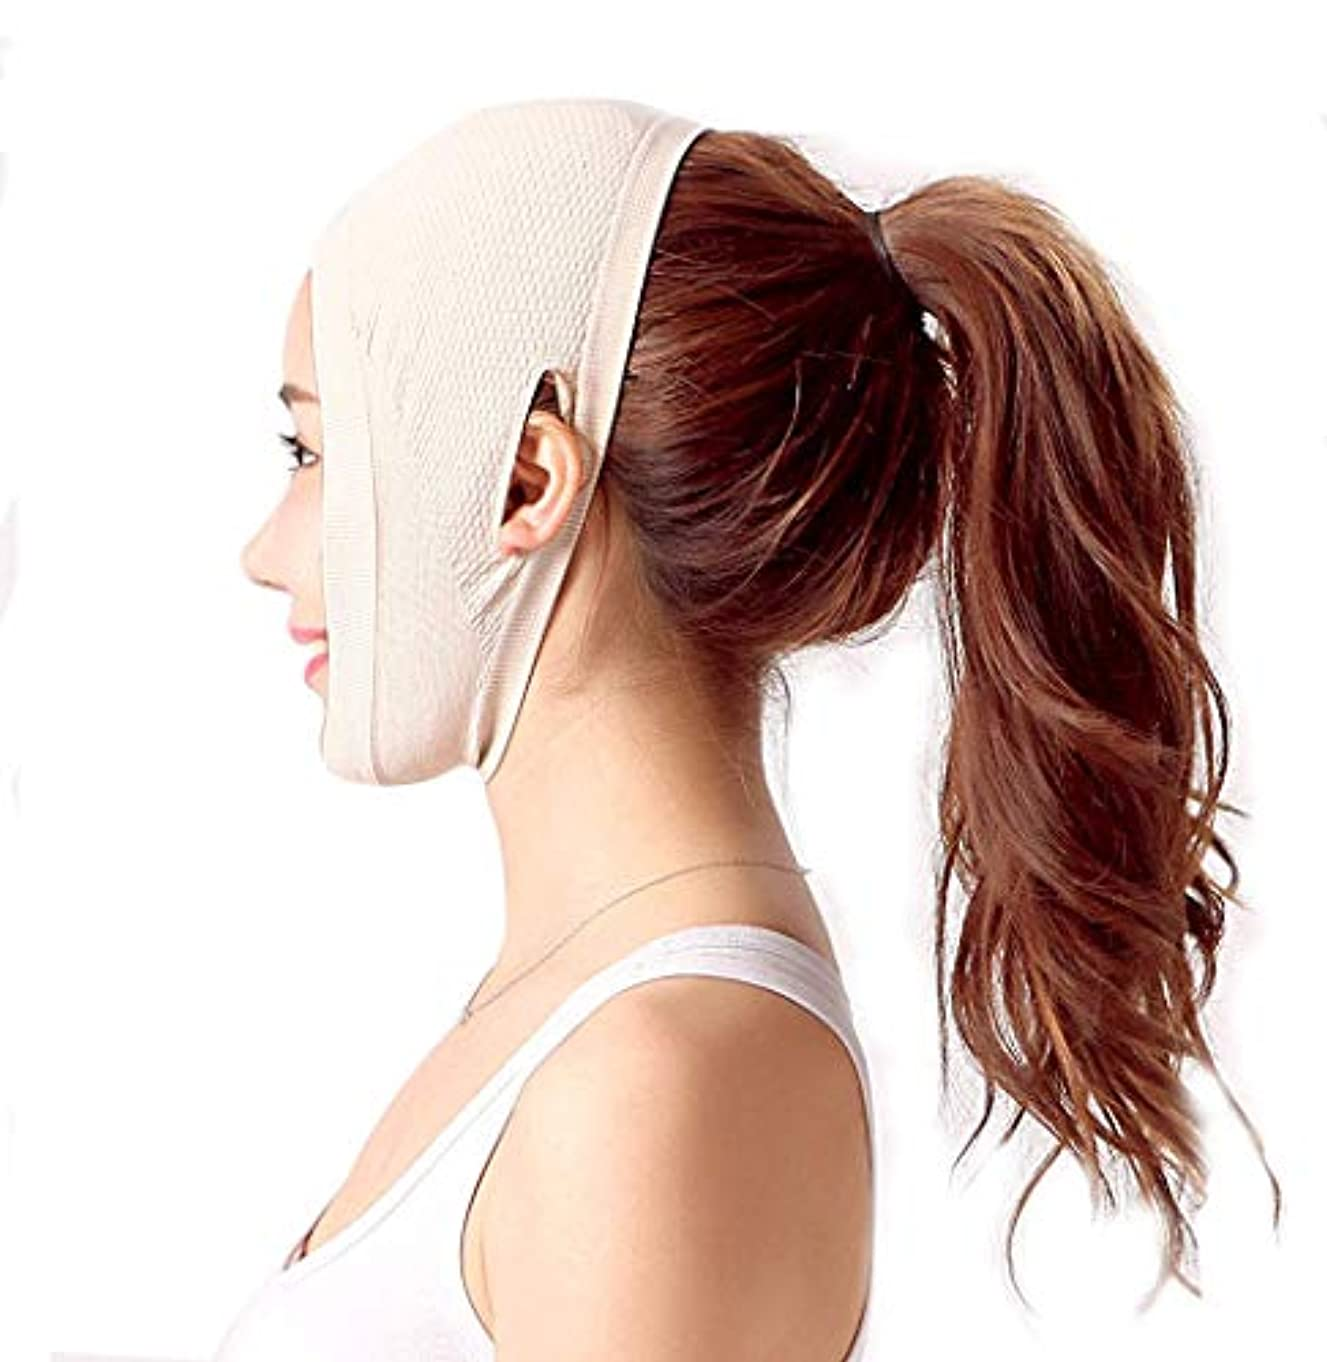 プランテーション雪のしたい整形外科手術後の回復ヘッドギア医療マスク睡眠Vフェイスリフティング包帯薄いフェイスマスク(サイズ:肌の色(A)),肌の色調(A)